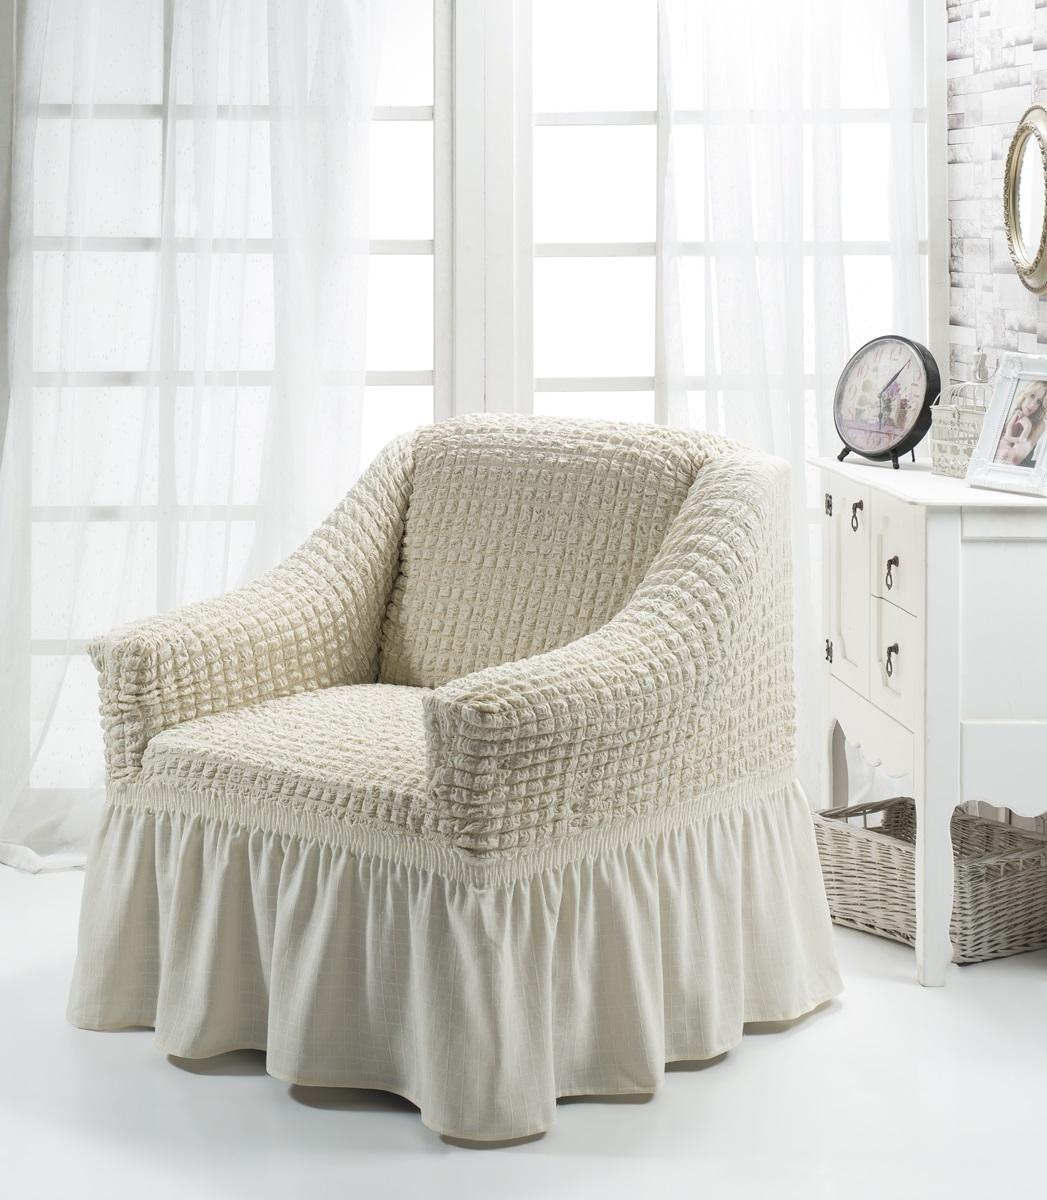 Чехол для кресла Karna Bulsan, цвет: кремовый1797/CHAR009Универсальный чехол для кресла Karna Bulsan изготовлен из высококачественного материала на основе полиэстера и хлопка и дополнен широкой юбкой, скрывающей низ мебели. Изделие оснащено фиксаторами, которые позволяют надежно закрепить чехол на мебели. Фиксаторы вставляются в расстояние между спинкой и сиденьем, фиксируя чехол в одном положении, и не позволяя ему съезжать и терять форму. Фиксаторы особенно необходимы в том случае, если у вас кожаная мебель или мебель нестандартных габаритов. Характеристики:Плотность: 360 гр/м2. Ширина и глубина посадочного места: 70-80 см.Высота спинки от посадочного места: 70-80 см.Высота подлокотников: 35-45 см.Ширина подлокотников: 25-35 см.Высота юбки: 35 см.